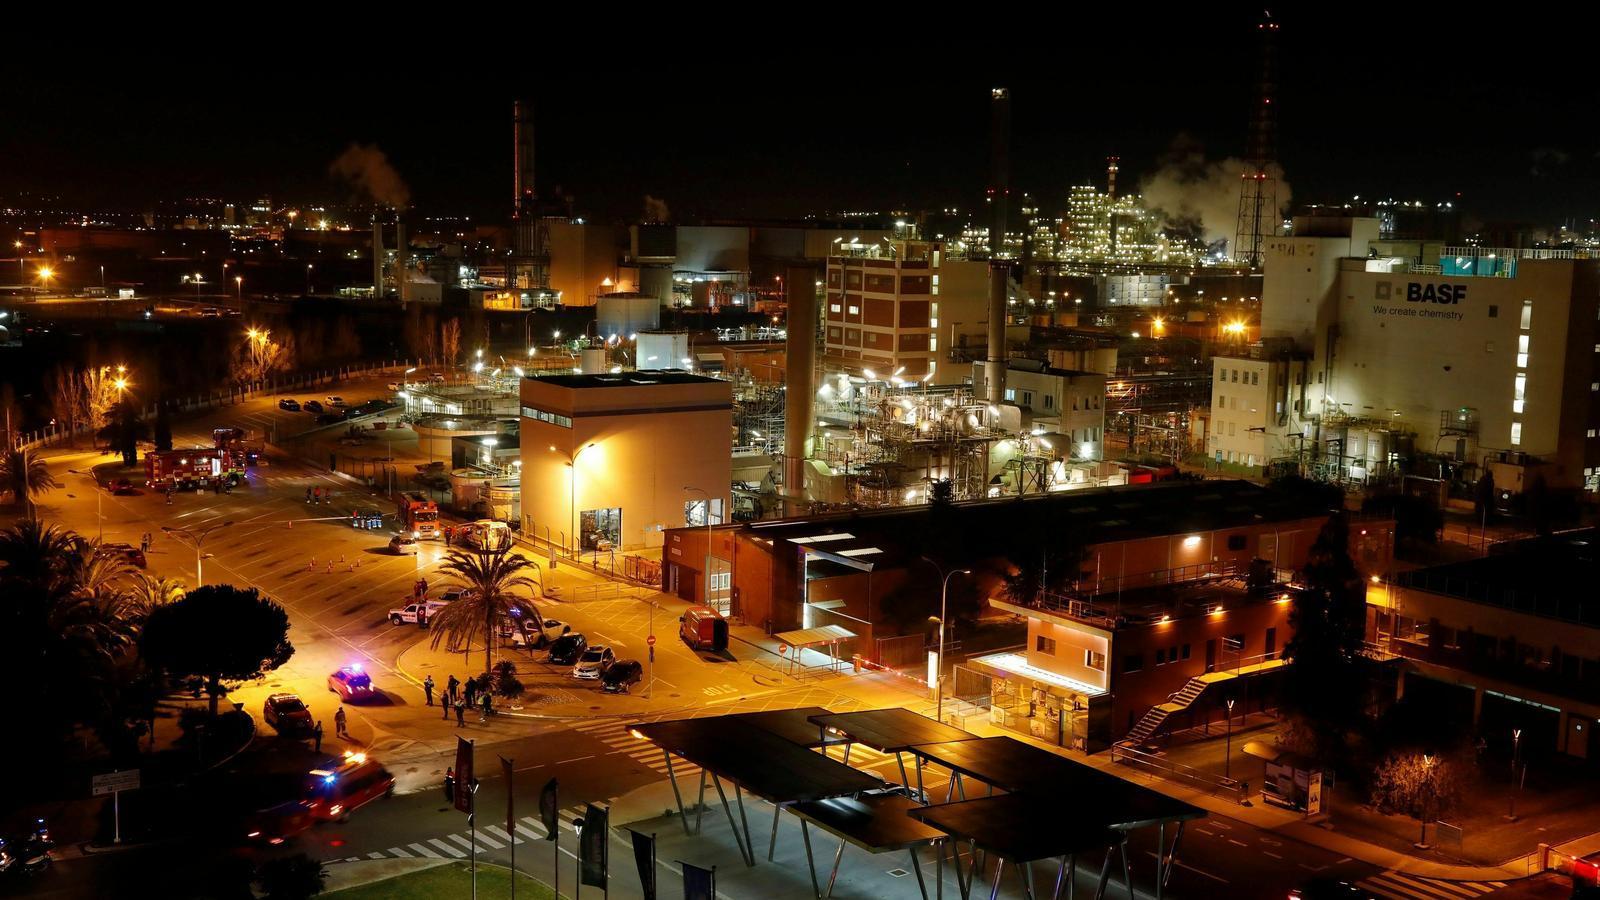 No han sonat les alarmes: els sindicats denuncien errades en el pla d'emergències després de l'explosió